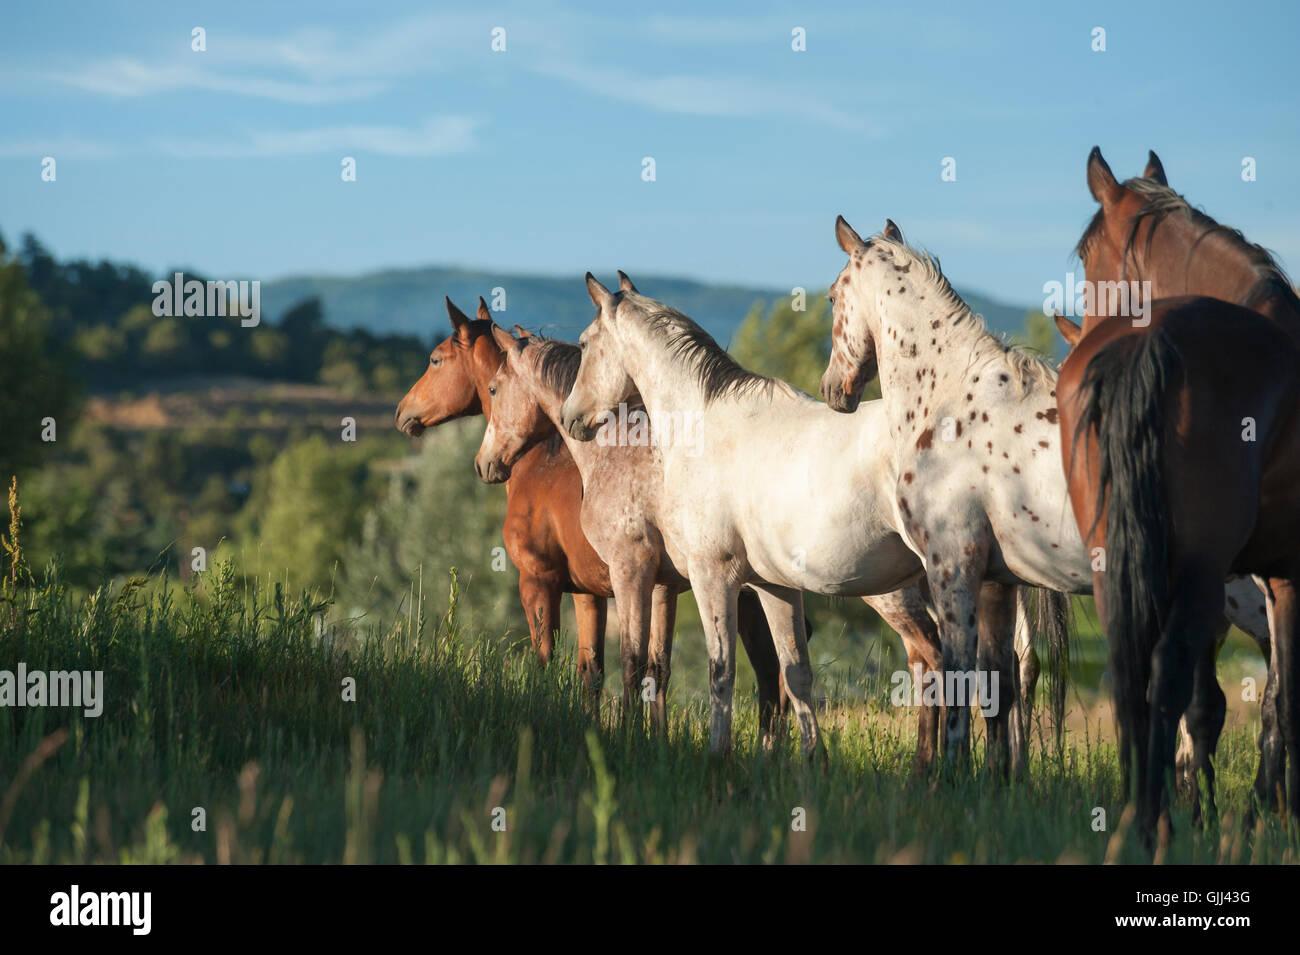 Tigre manada de caballos está oportunamente sobre hierba alta colina. El Caballo de Tiger es una reconstrucción Imagen De Stock